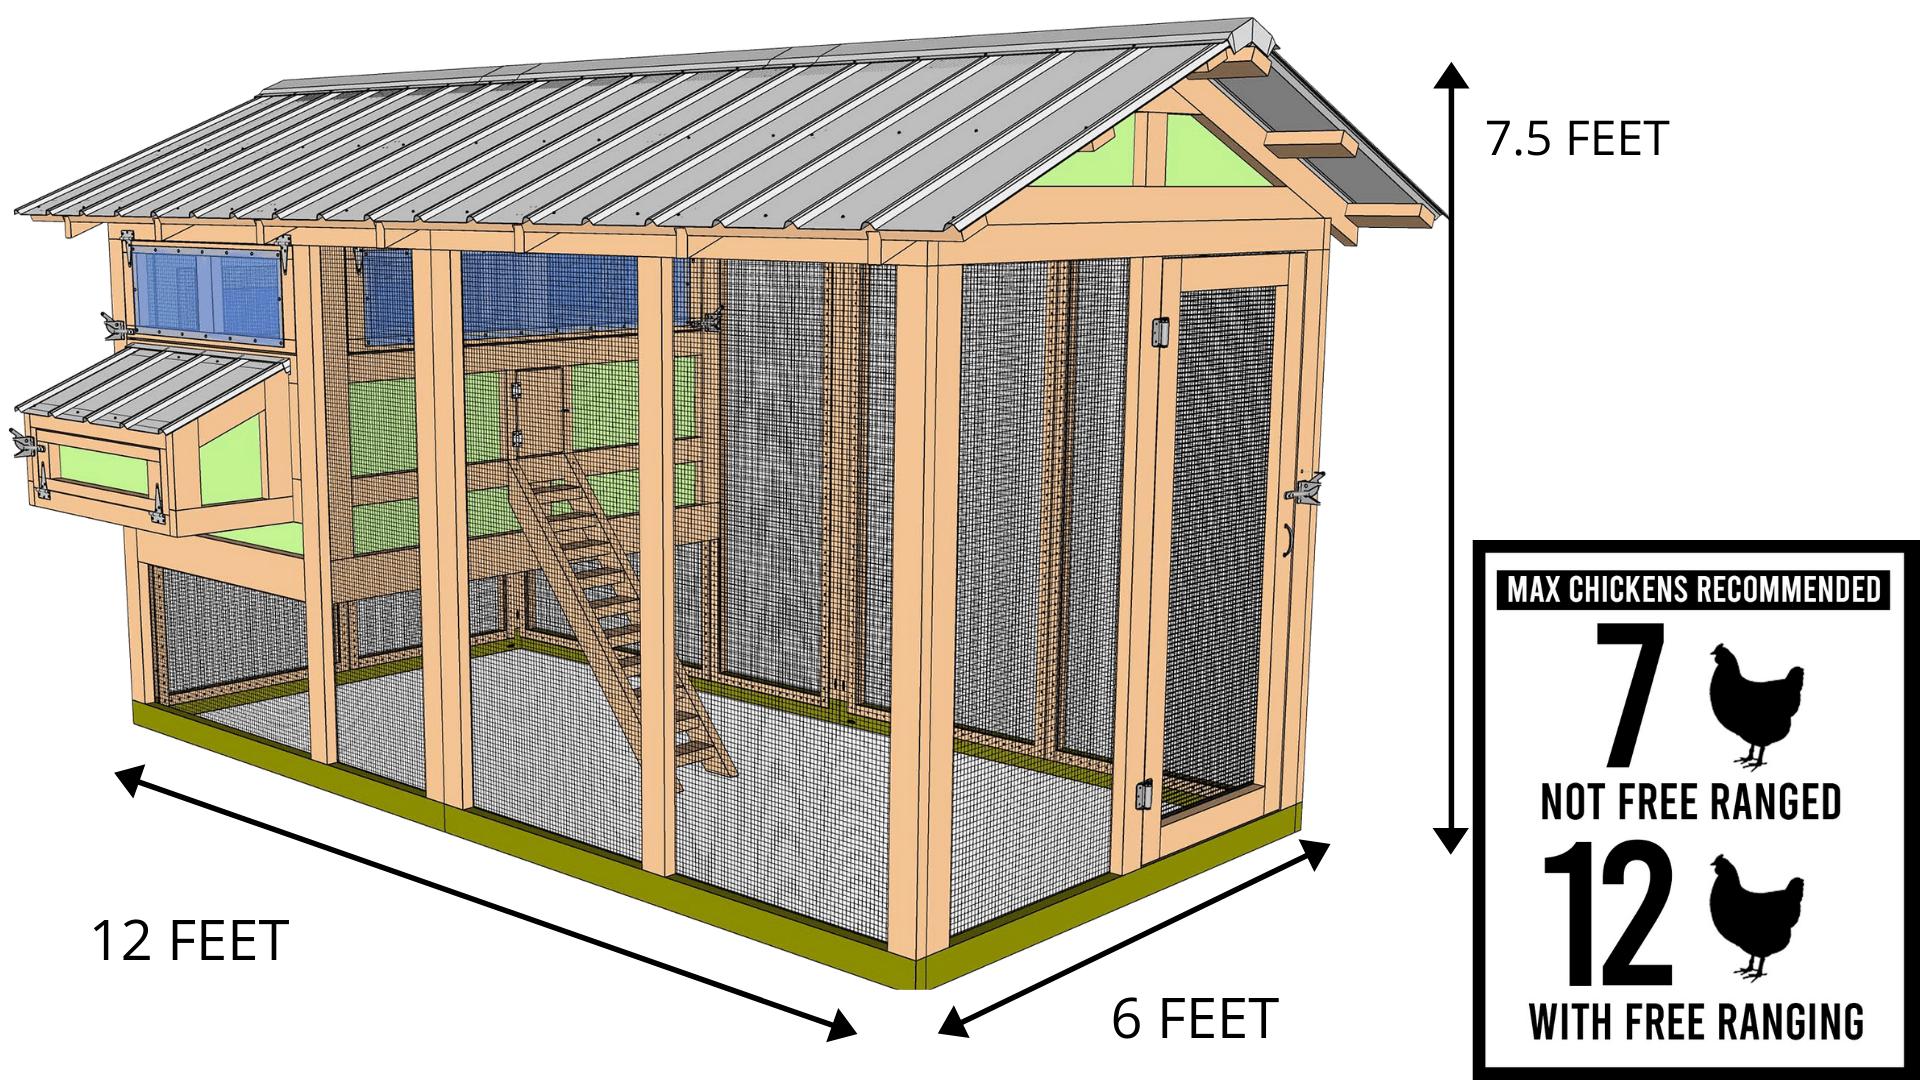 6'x12' American Coop with 4'x6' henhouse